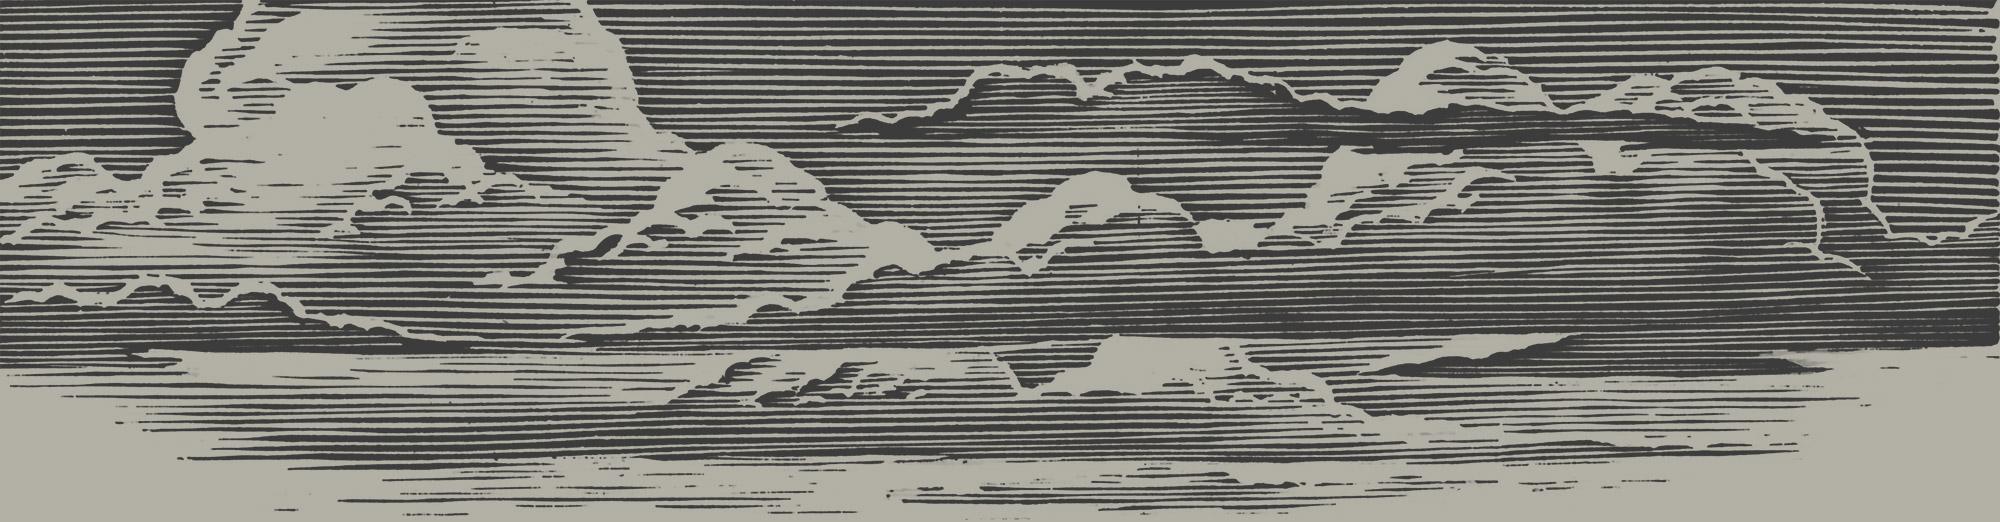 woodcut-sky